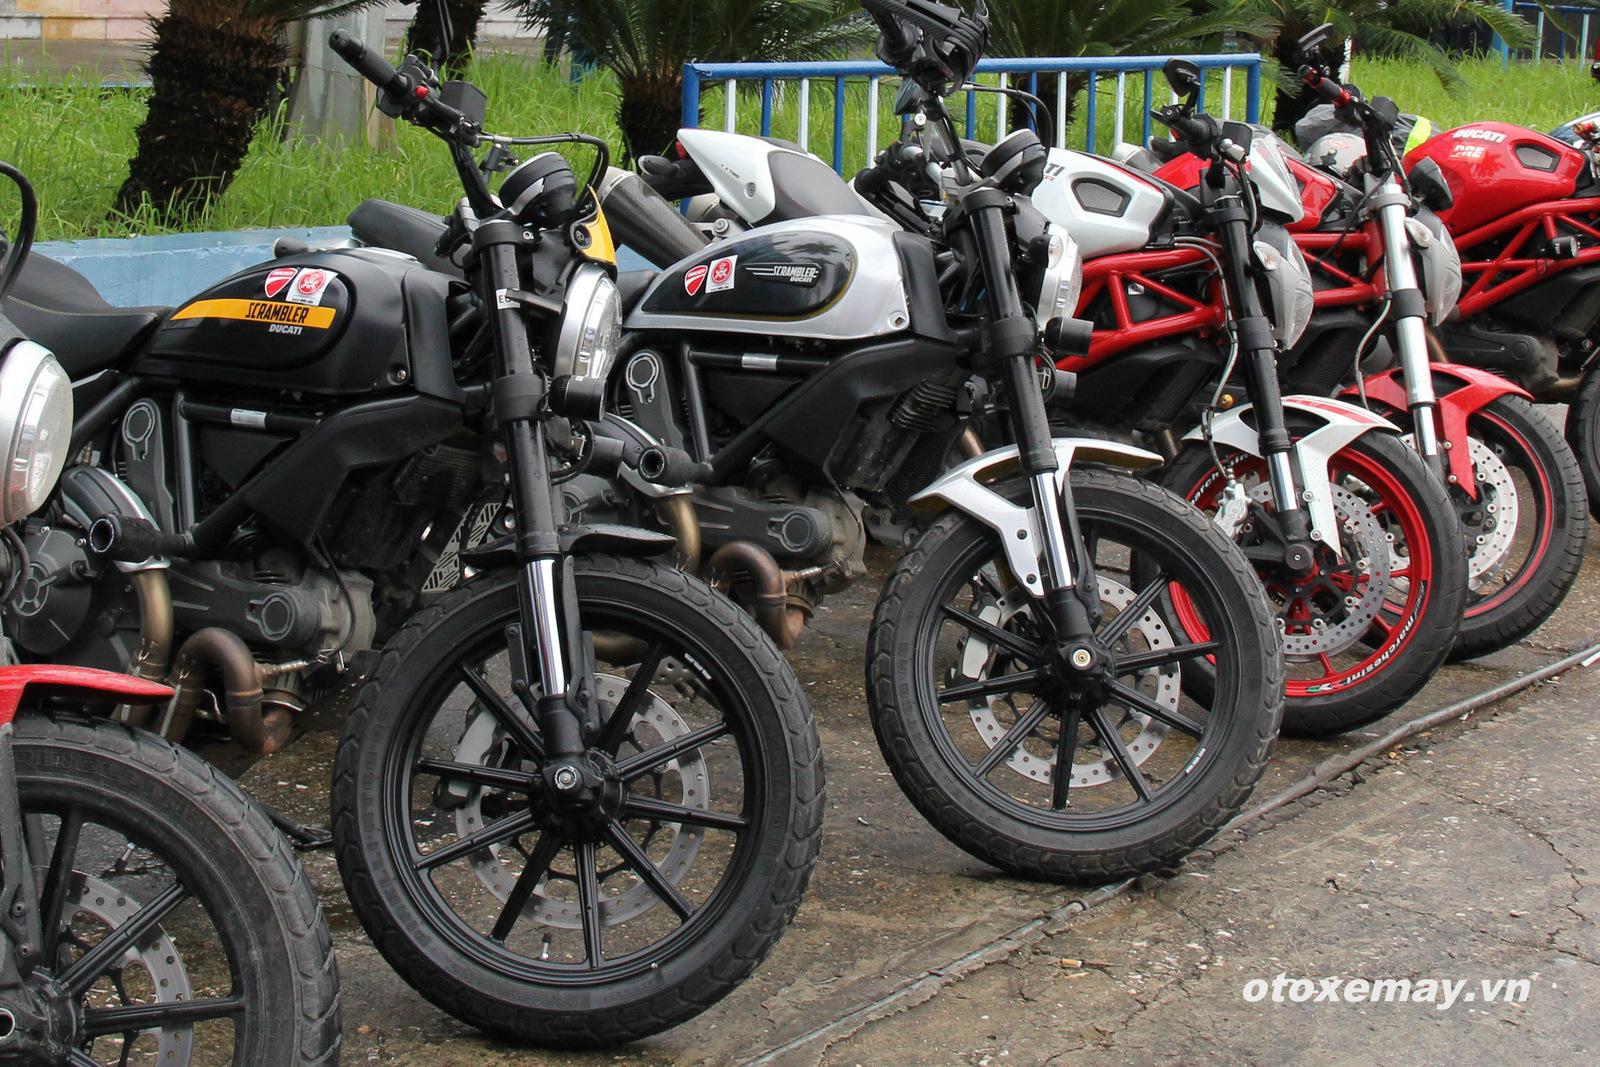 DOC Mien Bac chinh thuc nhap hoi Ducatisti the gioi - 3